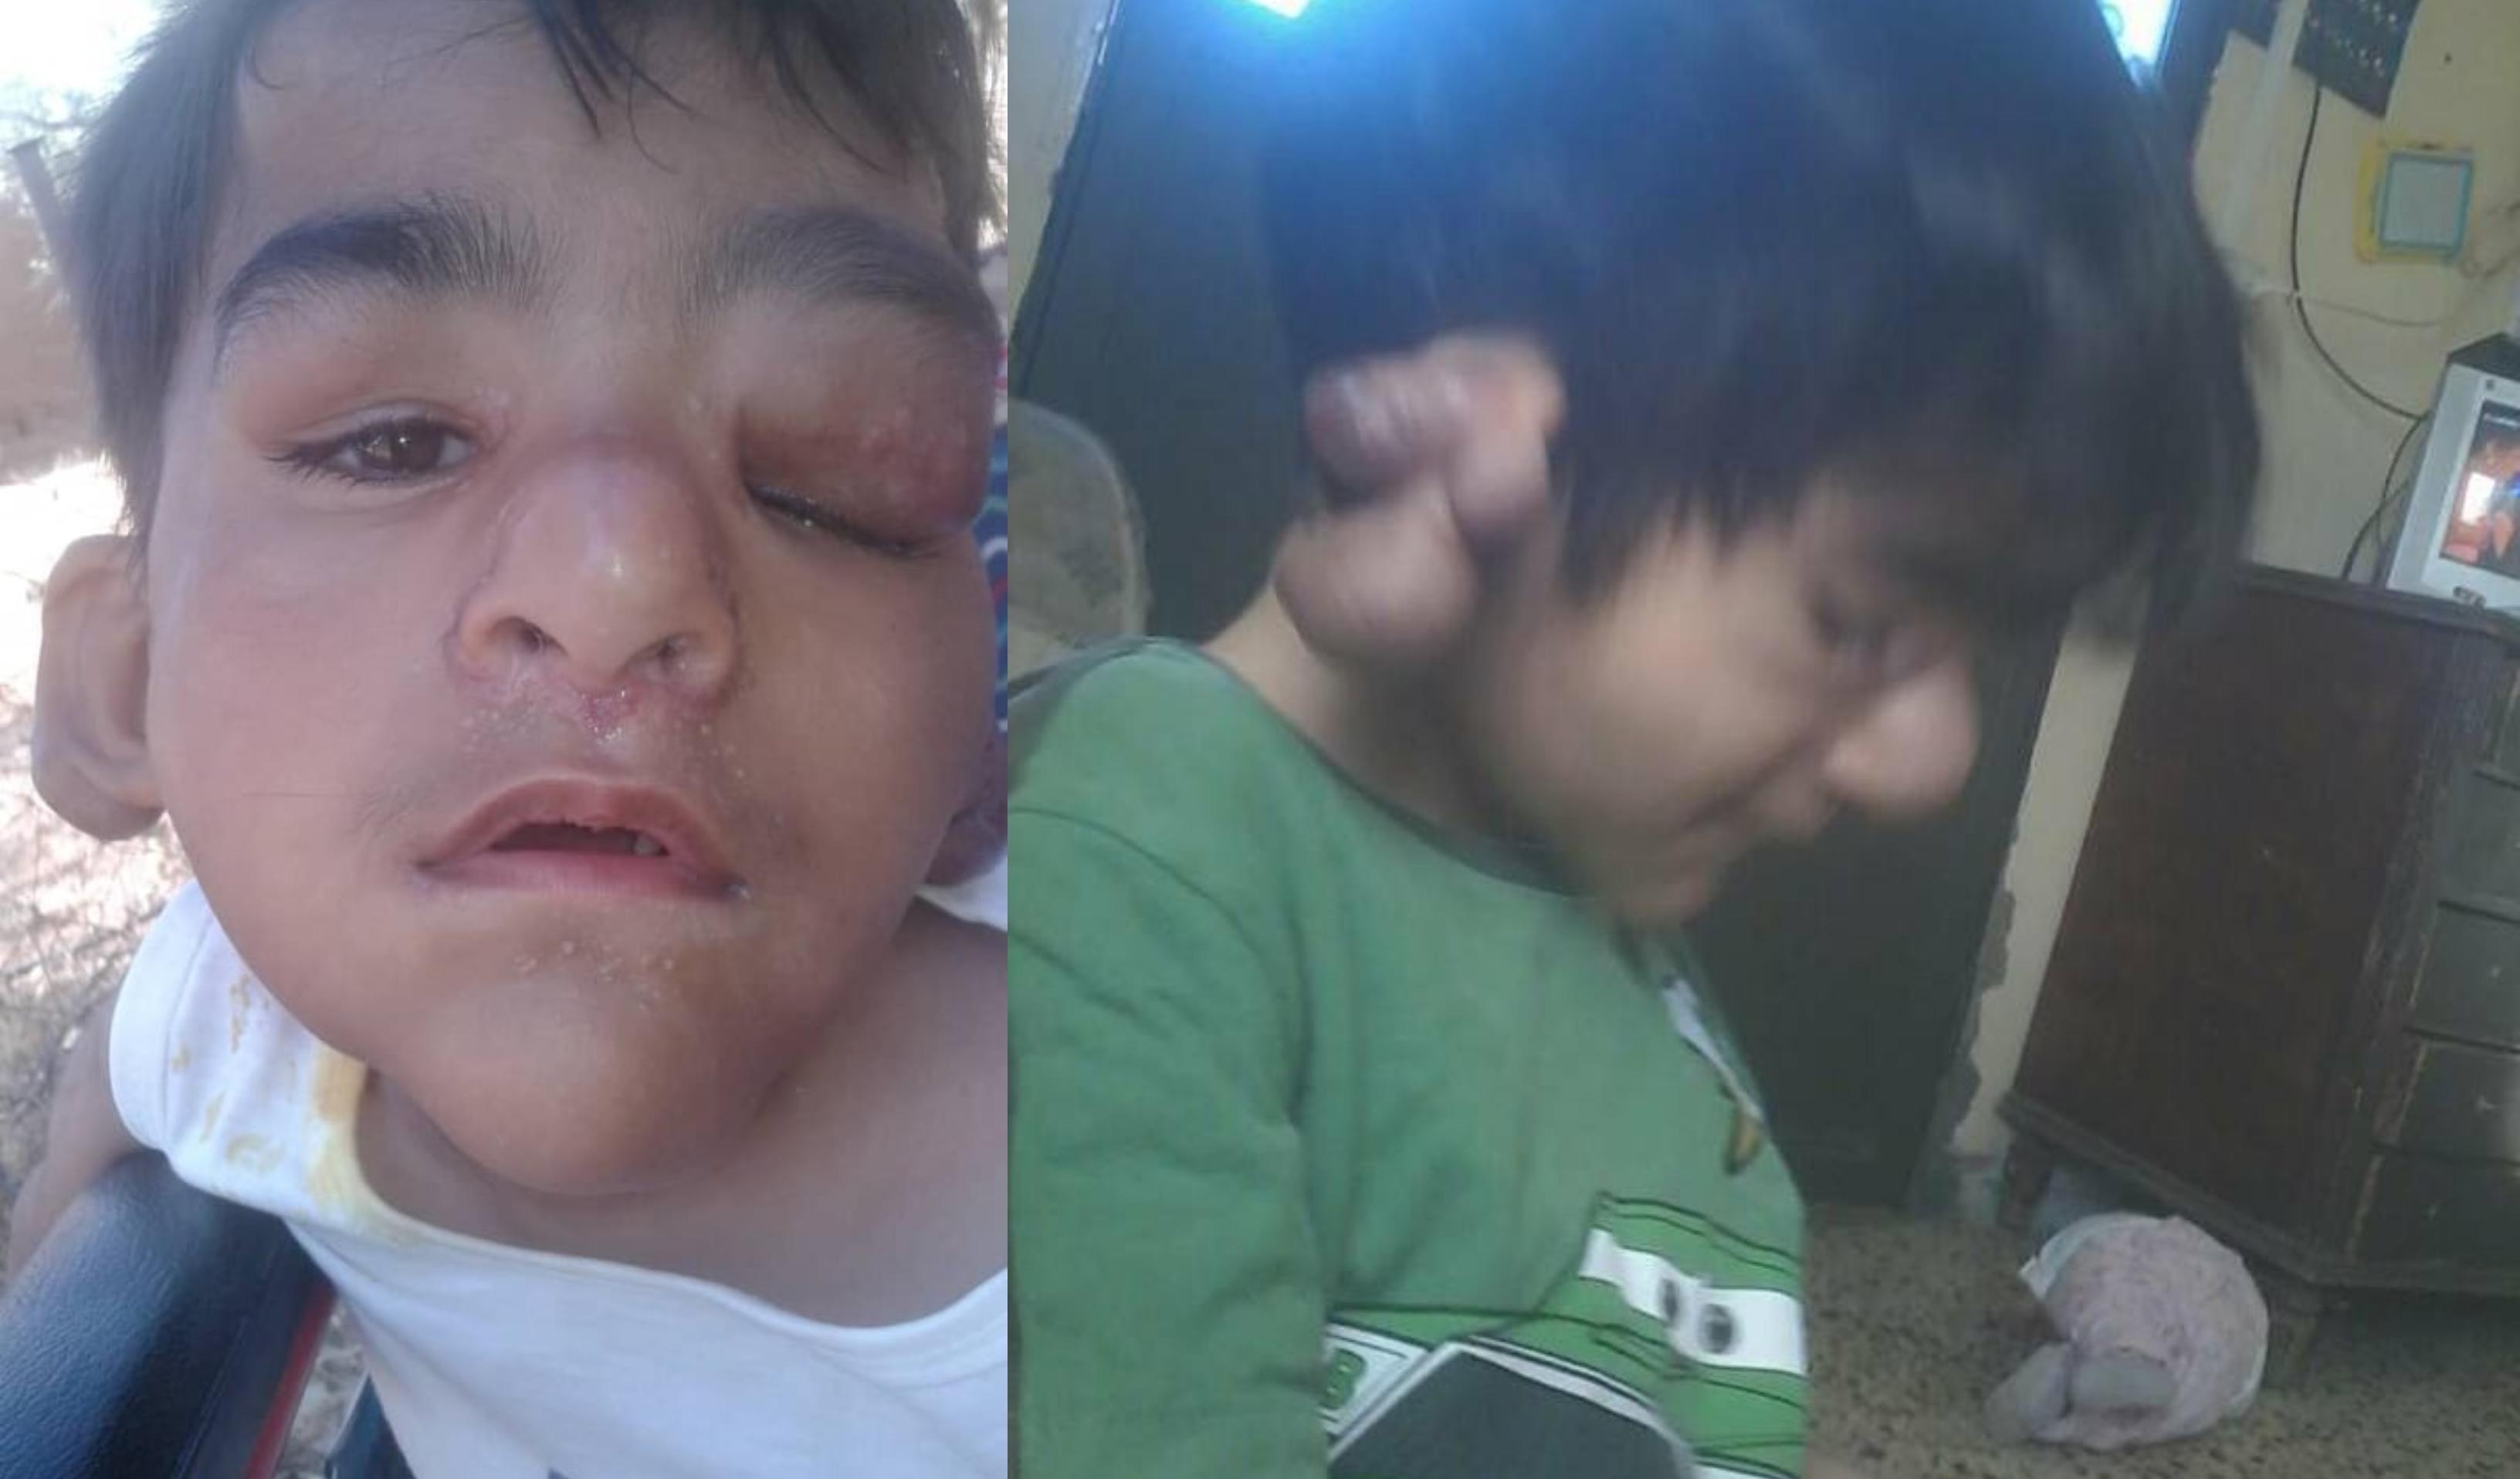 7 أشخاص حول العالم فقط مصابون به...مرض نادر جدا أصاب الطفل أحمد ابن الـ7 سنوات من بلدة شحيم من بين مئة مليون وقد يؤدي إلى استئصال أذنيه